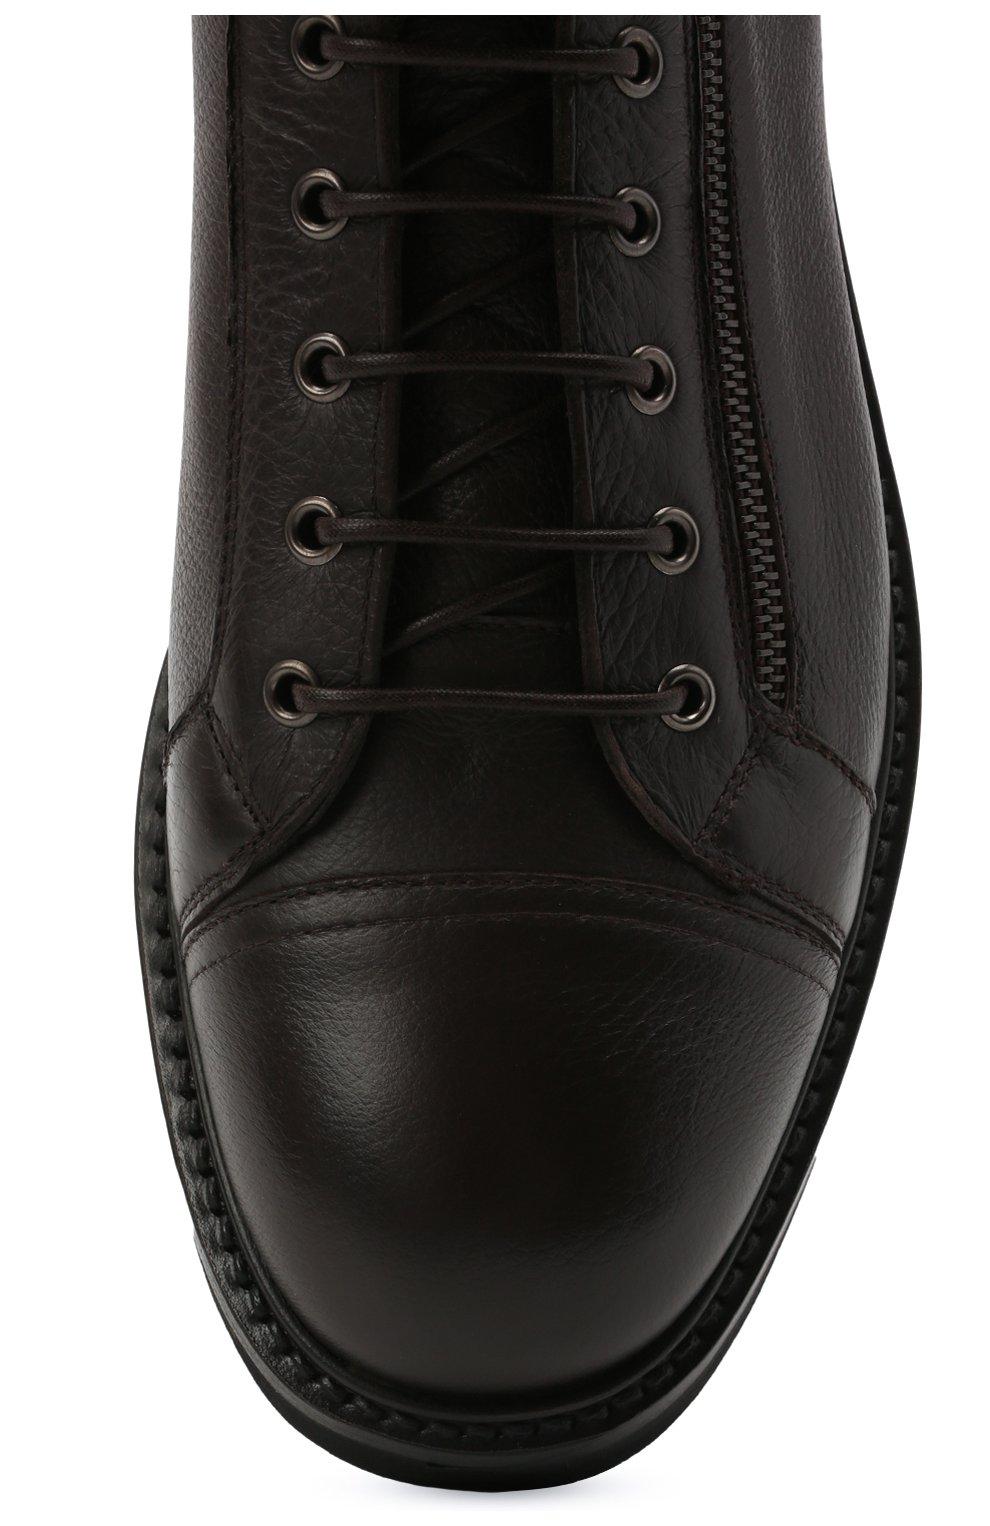 Мужские кожаные ботинки W.GIBBS темно-коричневого цвета, арт. 0672001/1541   Фото 5 (Мужское Кросс-КТ: Ботинки-обувь; Материал внутренний: Текстиль; Подошва: Массивная)